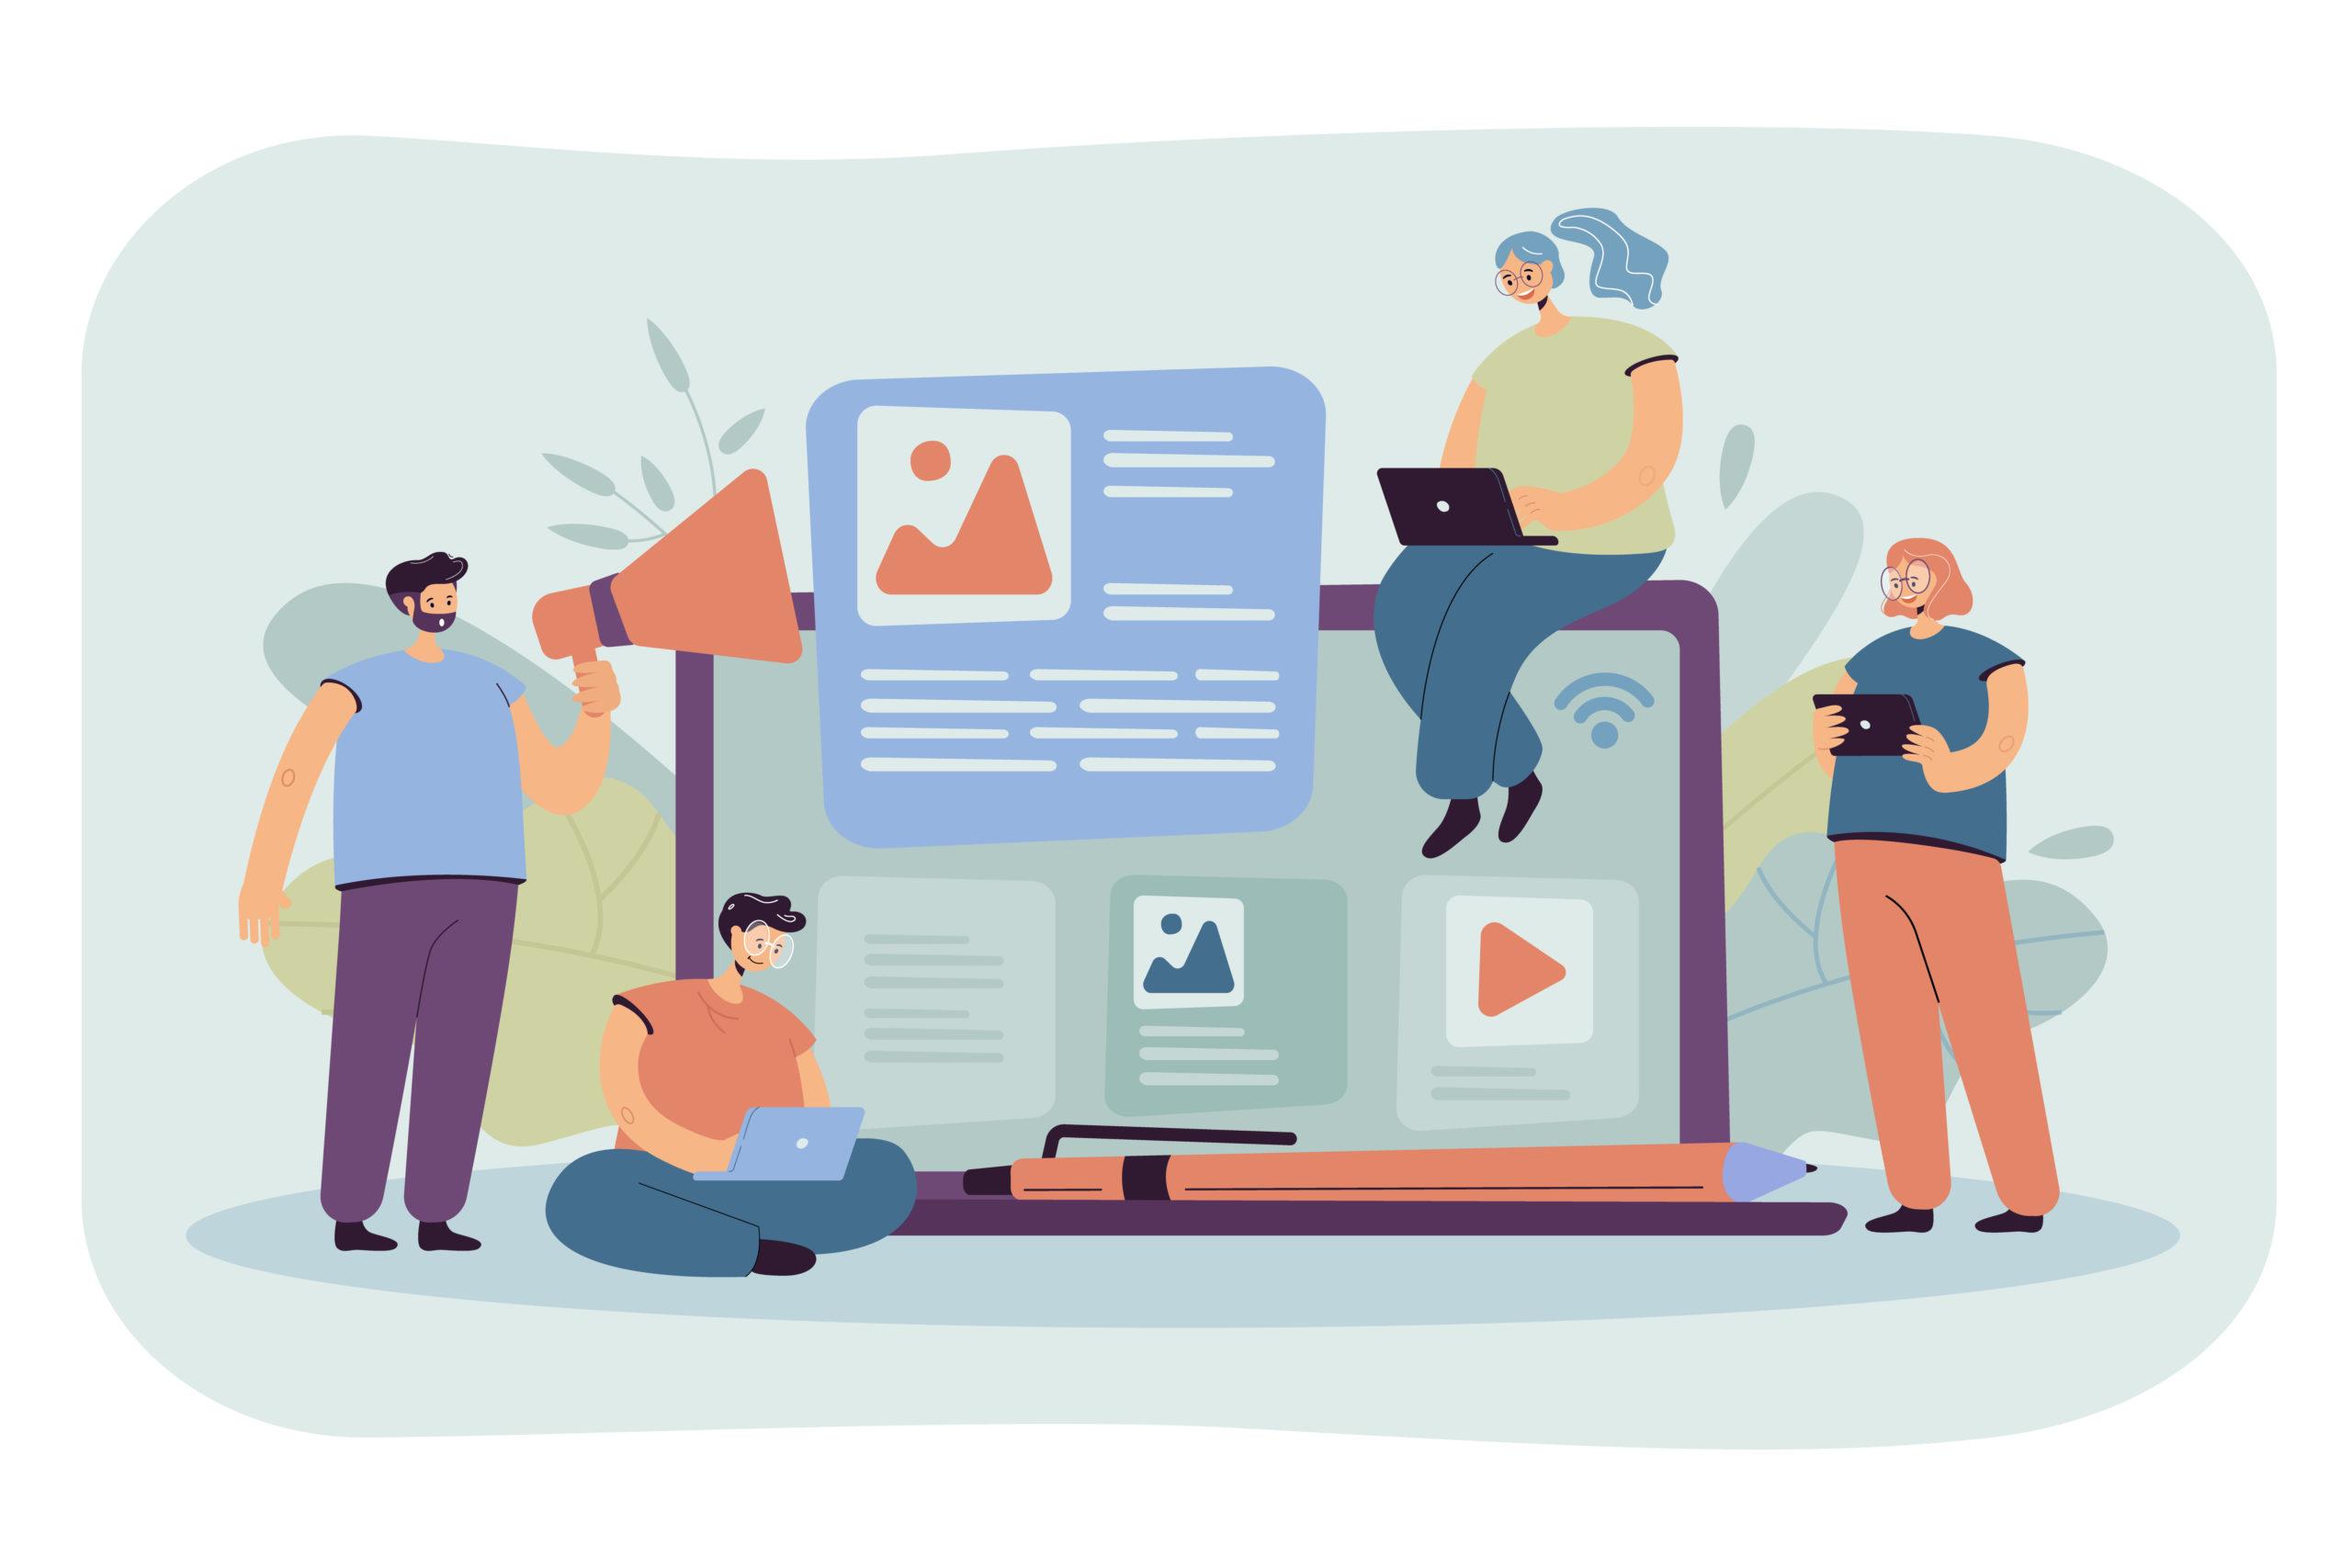 Tiếp thị nội dung được ứng dụng rộng rãi ở nhiều mục tiêu